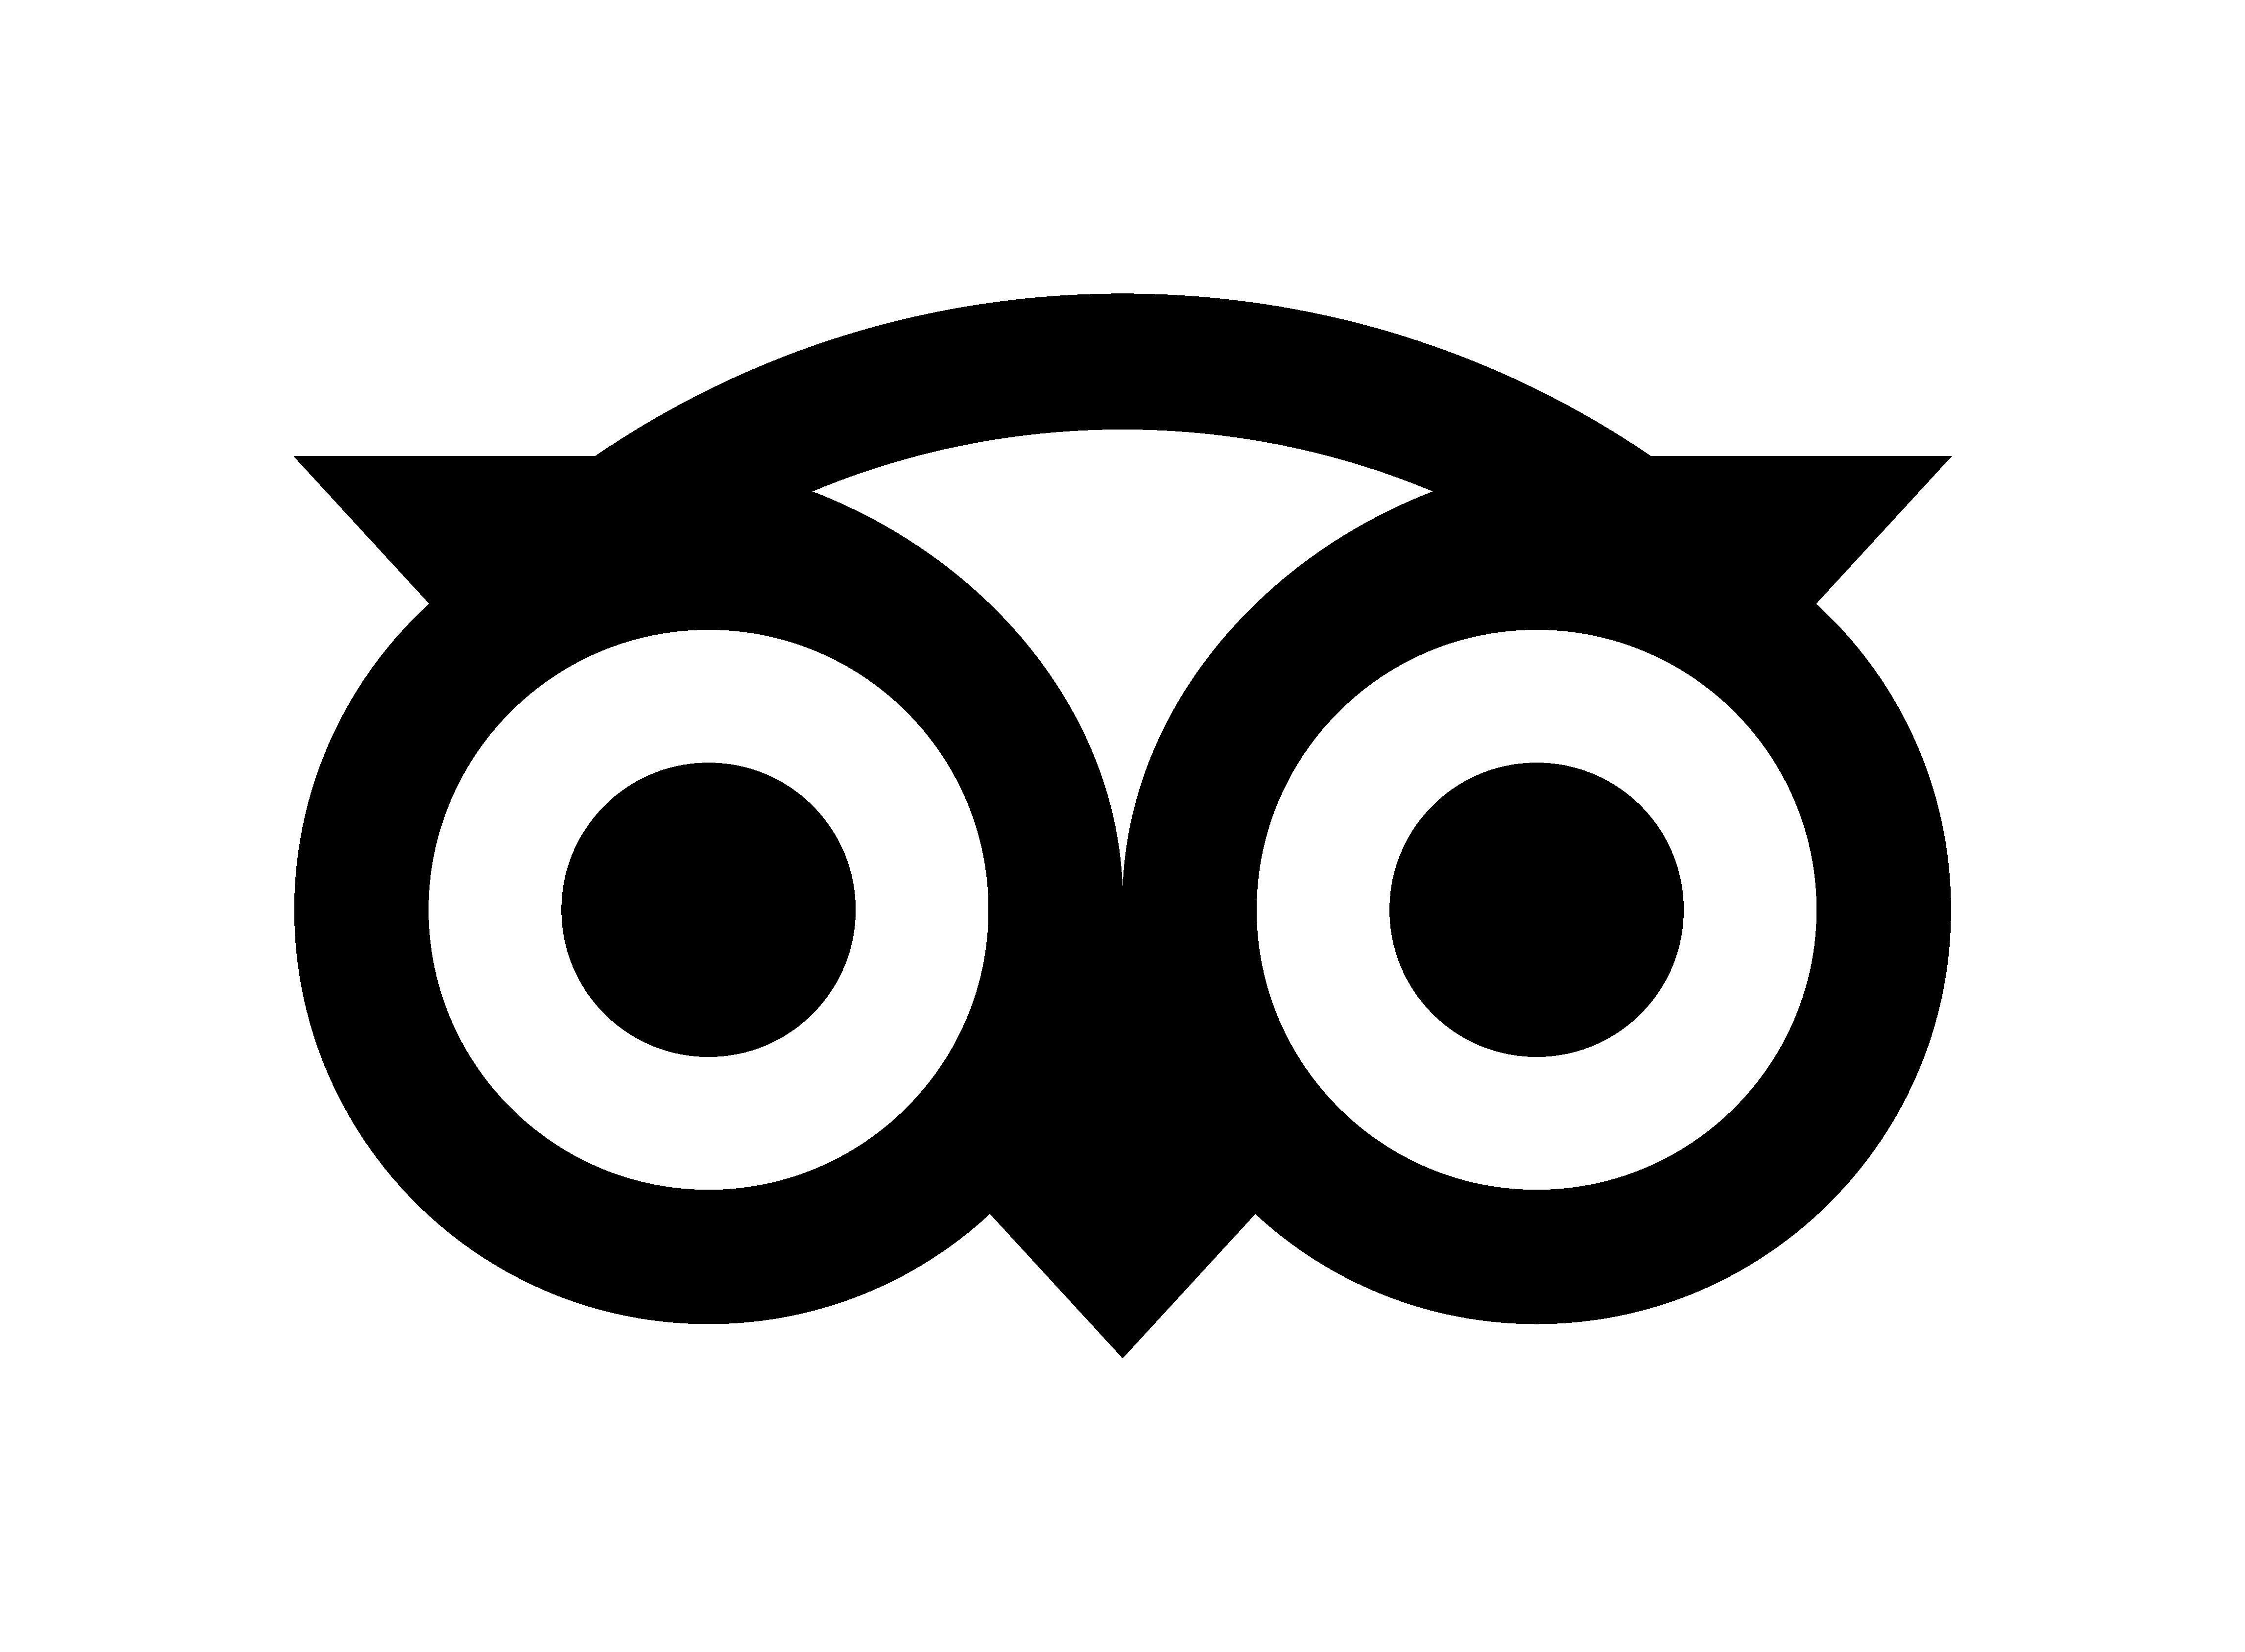 Tripadvisor plain logo